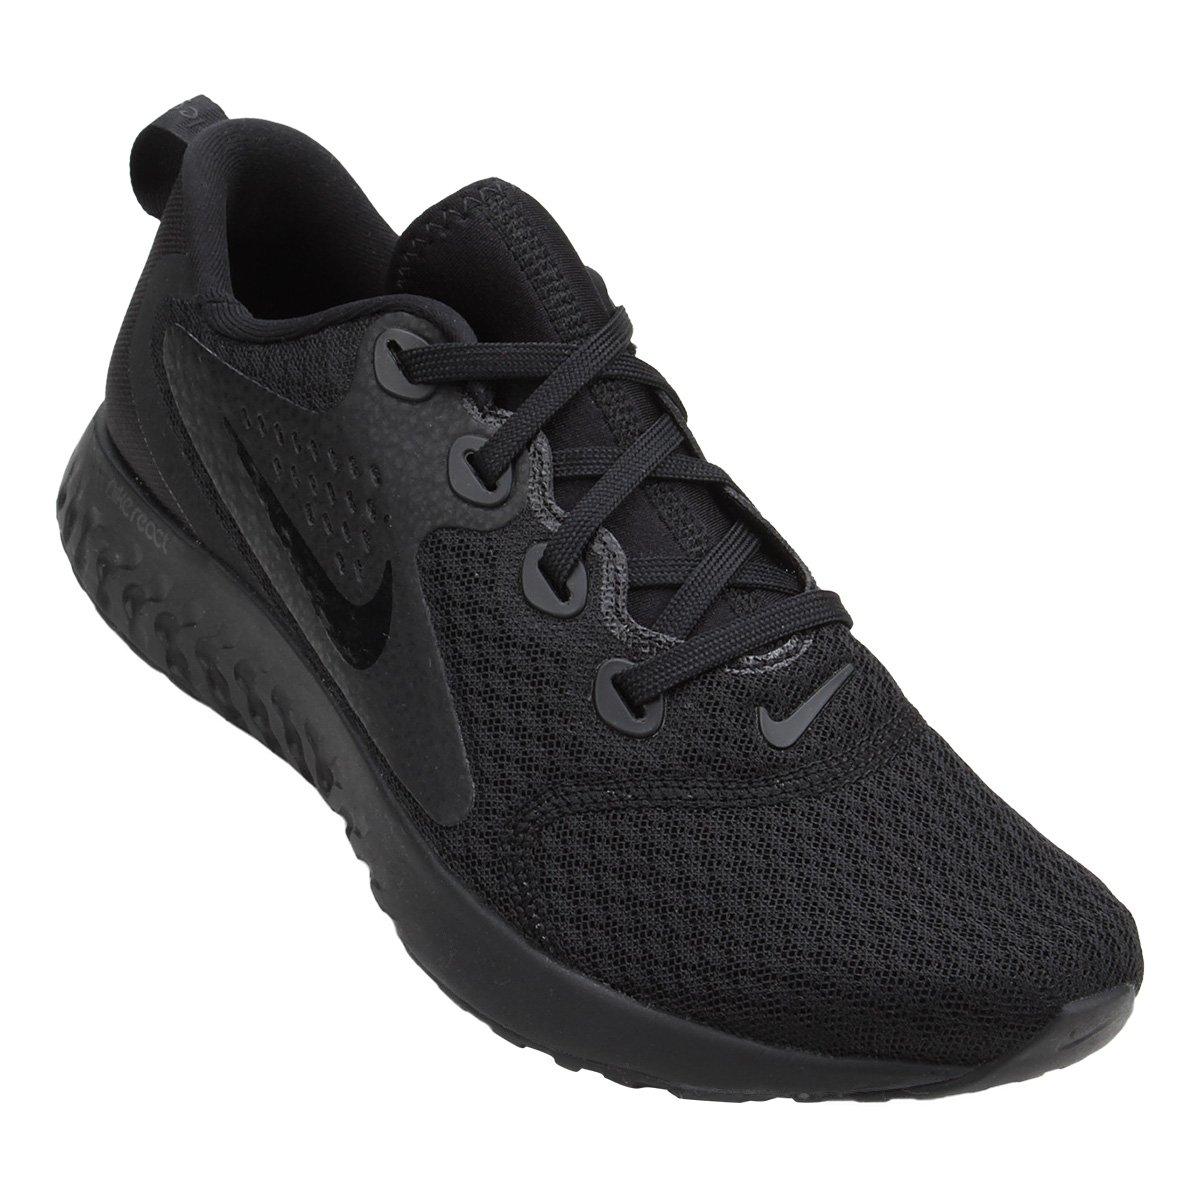 Tênis Nike Legend React Masculino - Preto - Compre Agora  a744c4b56be4e